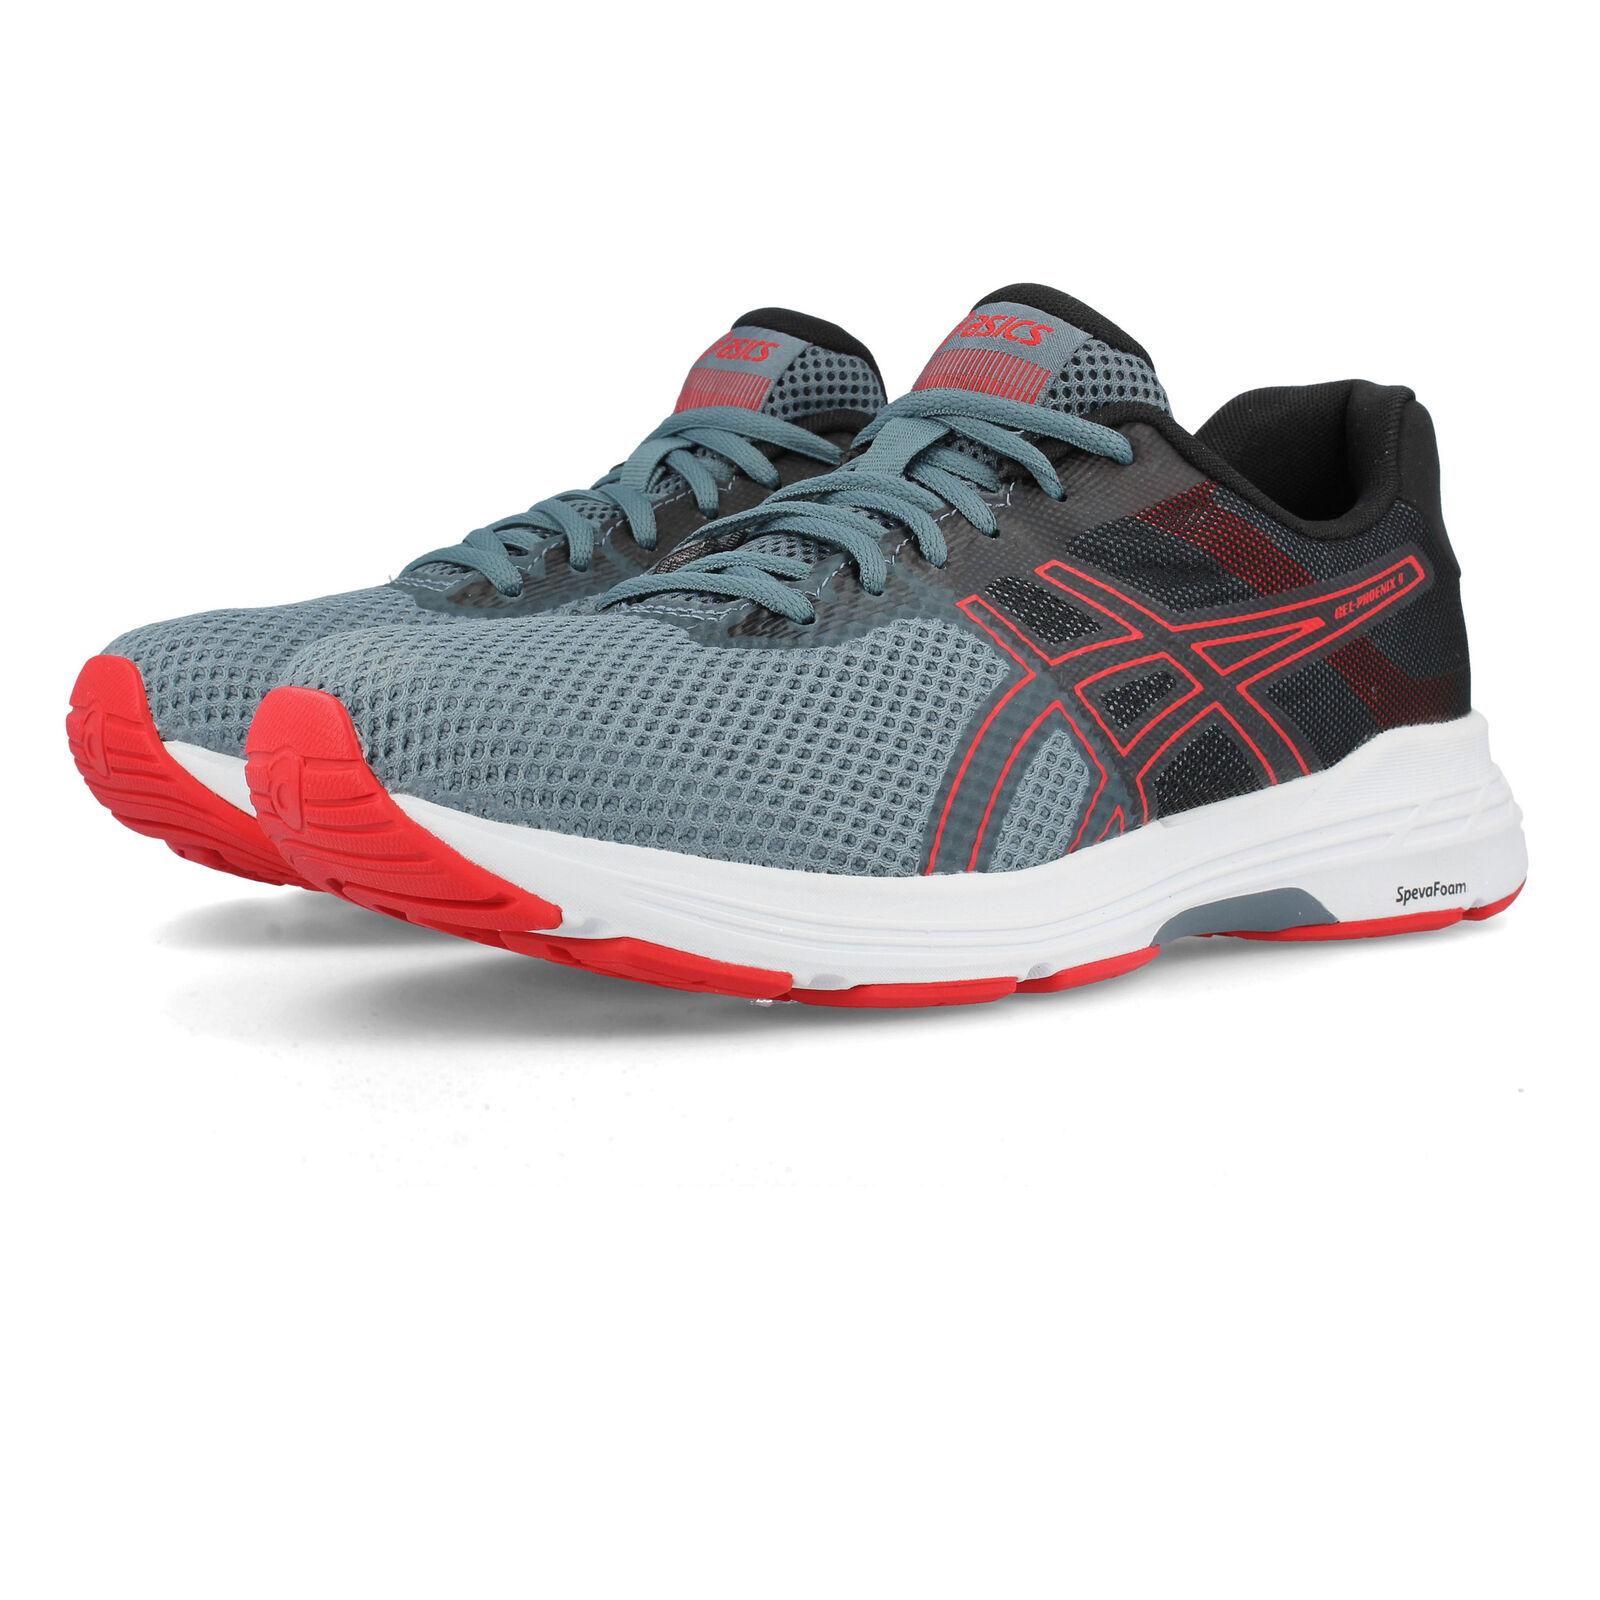 Asics  Hombre Gel-phoenix 9 Correr Zapatos Zapatillas Azul Deporte Transpirable  Todos los productos obtienen hasta un 34% de descuento.